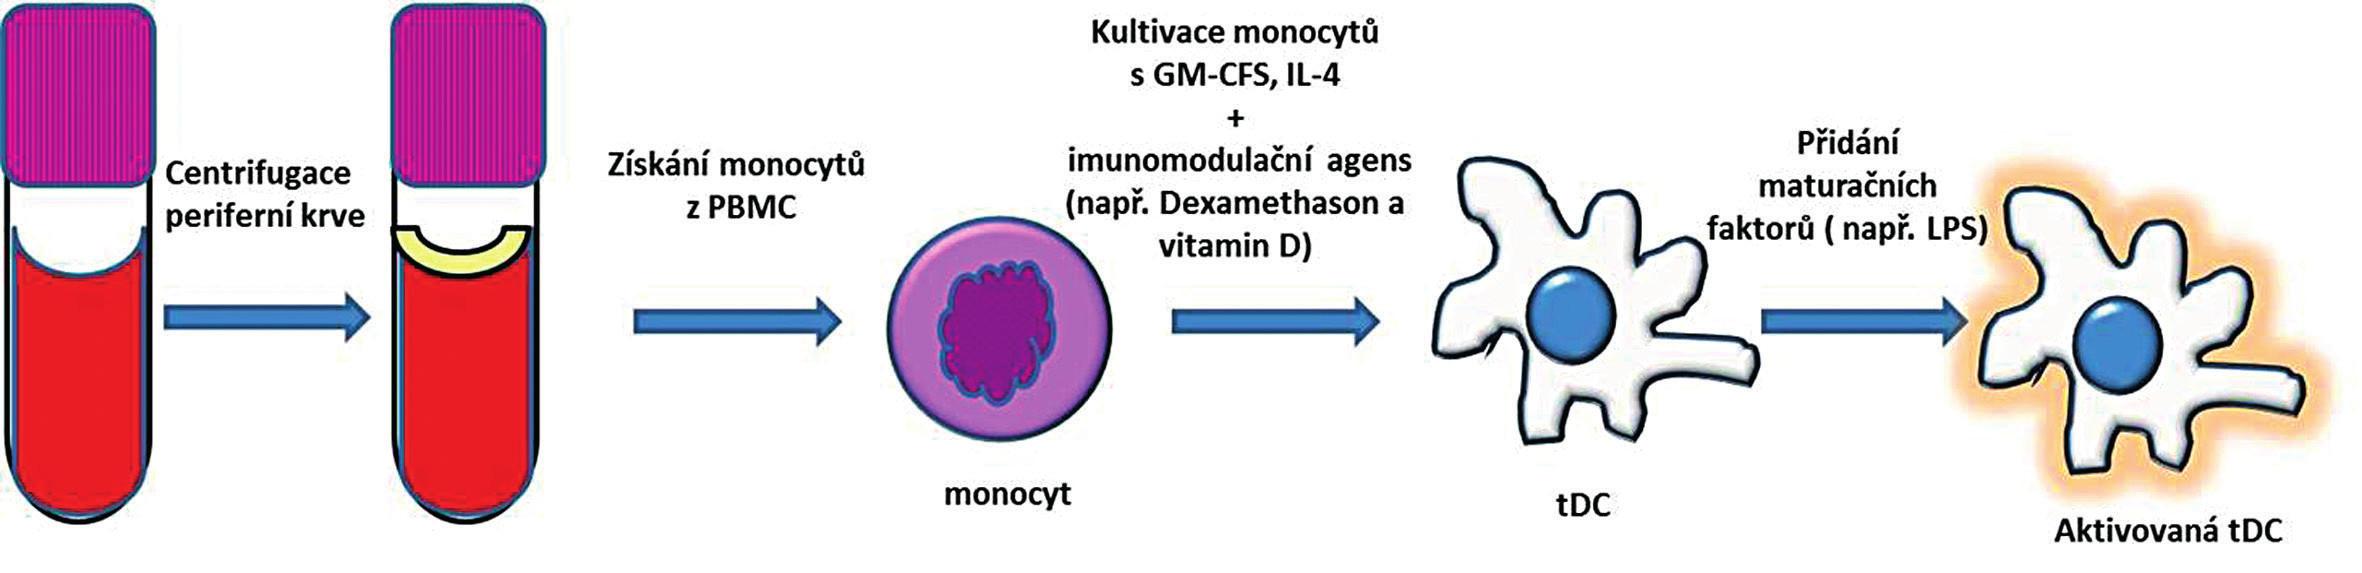 Příprava tolerogenních dendritických buněk z periferní krve. Monocyty izolované z PBMC jsou kultivované za přítomnosti GM-CSF a IL-4 a imunomodulačního agens. Po přidání maturačního stimulu vznikne aktivovaná tDC, která má na rozdíl od aktivované zralé DC menší schopnost indukovat imunitní odpověď a vyznačuje se spíše imunoregulačním potenciálem. PBMC – peripheral blood mononuclear cells (periferní mononukleární buňky); GM-CSF – granulocyte-macrophage colony-stimulating factor (růstový hormon pro granulocyty a makrofágy); IL-4 – interleukin 4; tDC – tolerogenní dendritické buňky Fig. 2. Generation of tolerogenic dendritic cells from peripheral blood. Monocytes are isolated from peripheral blood mononuclear cells (PBMC) and are cultured in the presence of GM-CSF, IL-4 and immunomodulatory agents. Further stimulation with maturation agent gives rise of activated tDC. The capacity of tDC for inducing an immune response is inferior to that of activated mature DC.  PBMC – peripheral blood mononuclear cells; GM-CSF – granulocyte-macrophage colony-stimulating factor; IL-4 – interleukin 4; tDC – tolerogenic dendritic cells